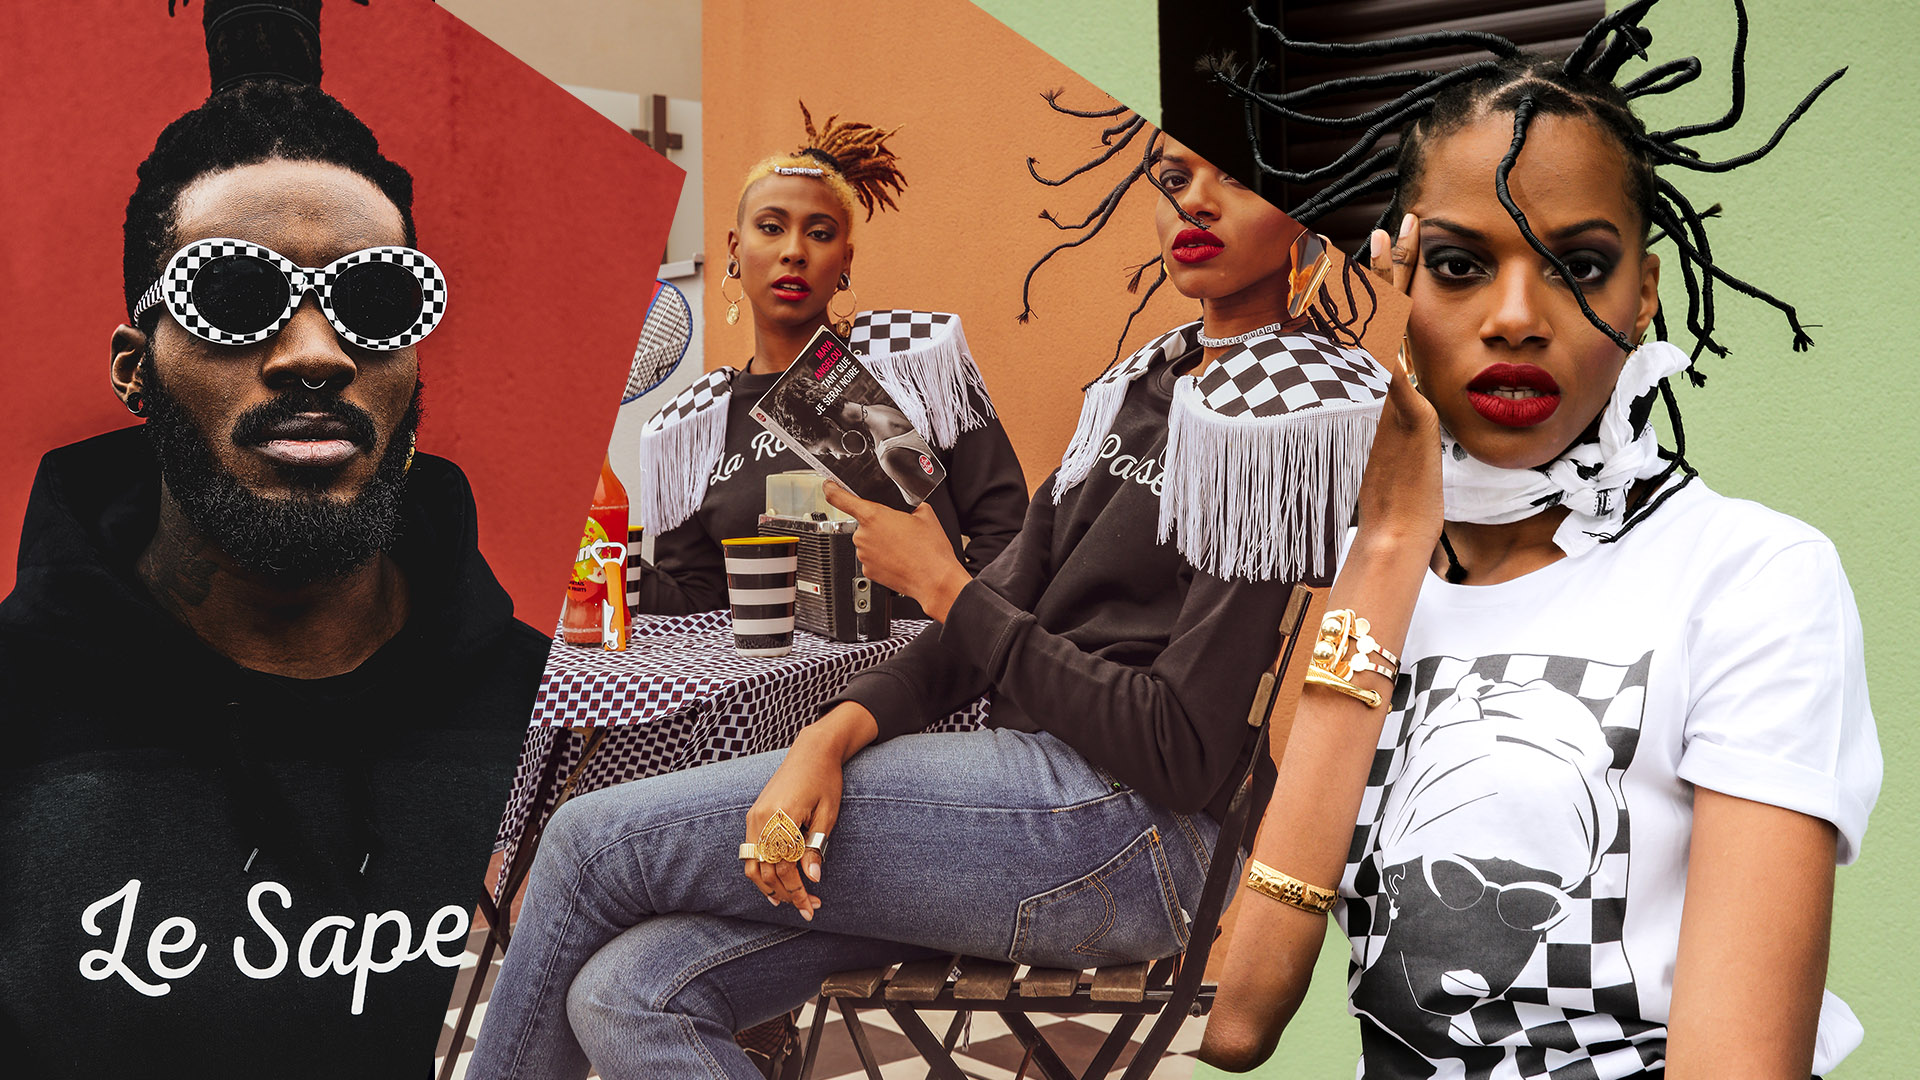 Afrikanista présente sa nouvelle collection en collaboration avec Black Square